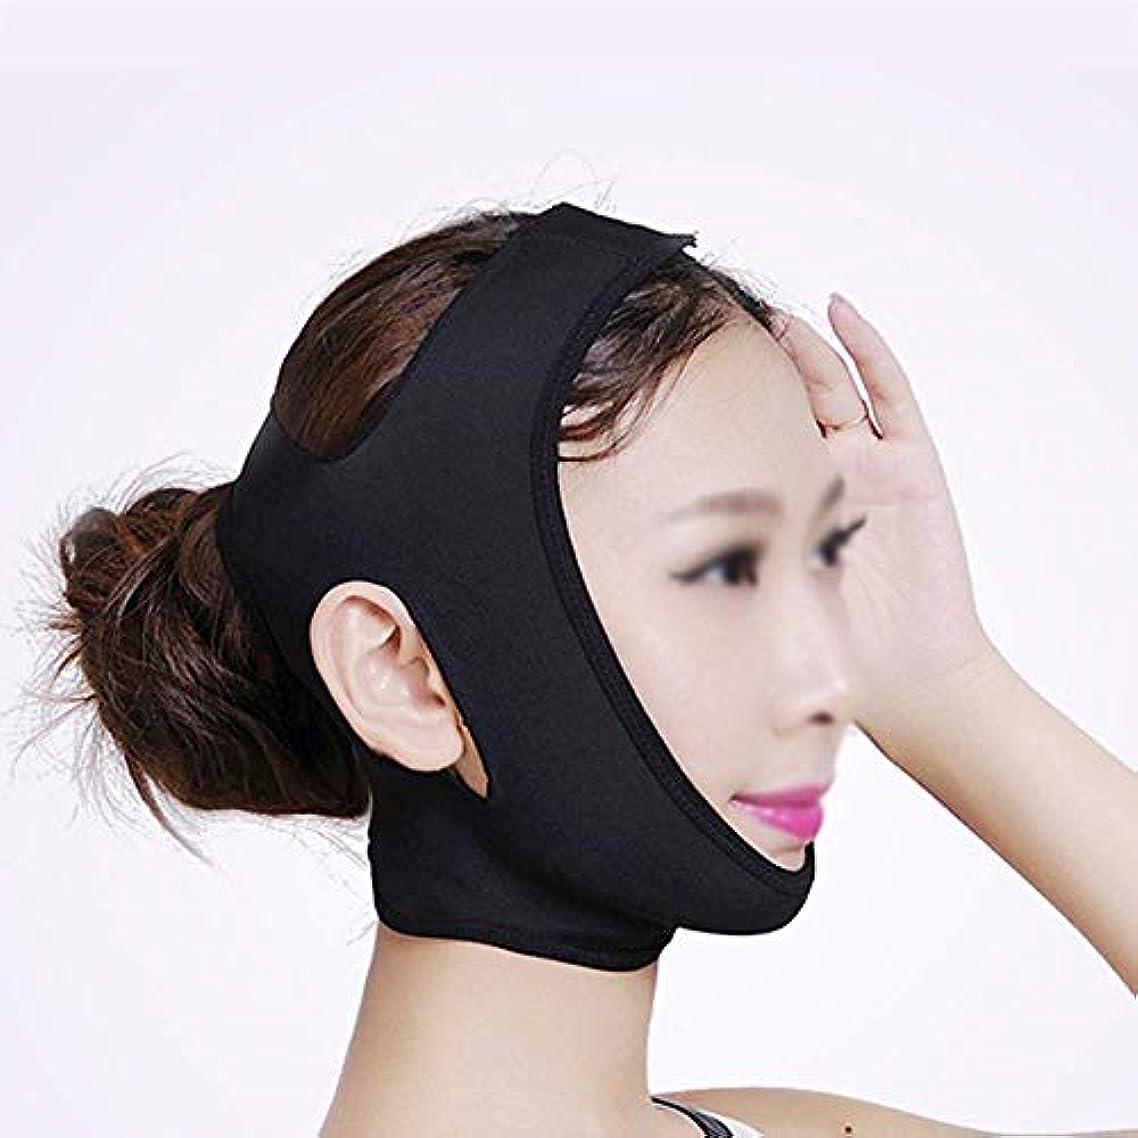 傾向があります維持動かすフェイシャル減量マスクリフティングフェイス、フェイスマスク、減量包帯を除去するためのダブルチン、フェイシャルリフティング包帯、ダブルチンを減らすためのリフティングベルト(カラー:ブラック、サイズ:M),黒、M